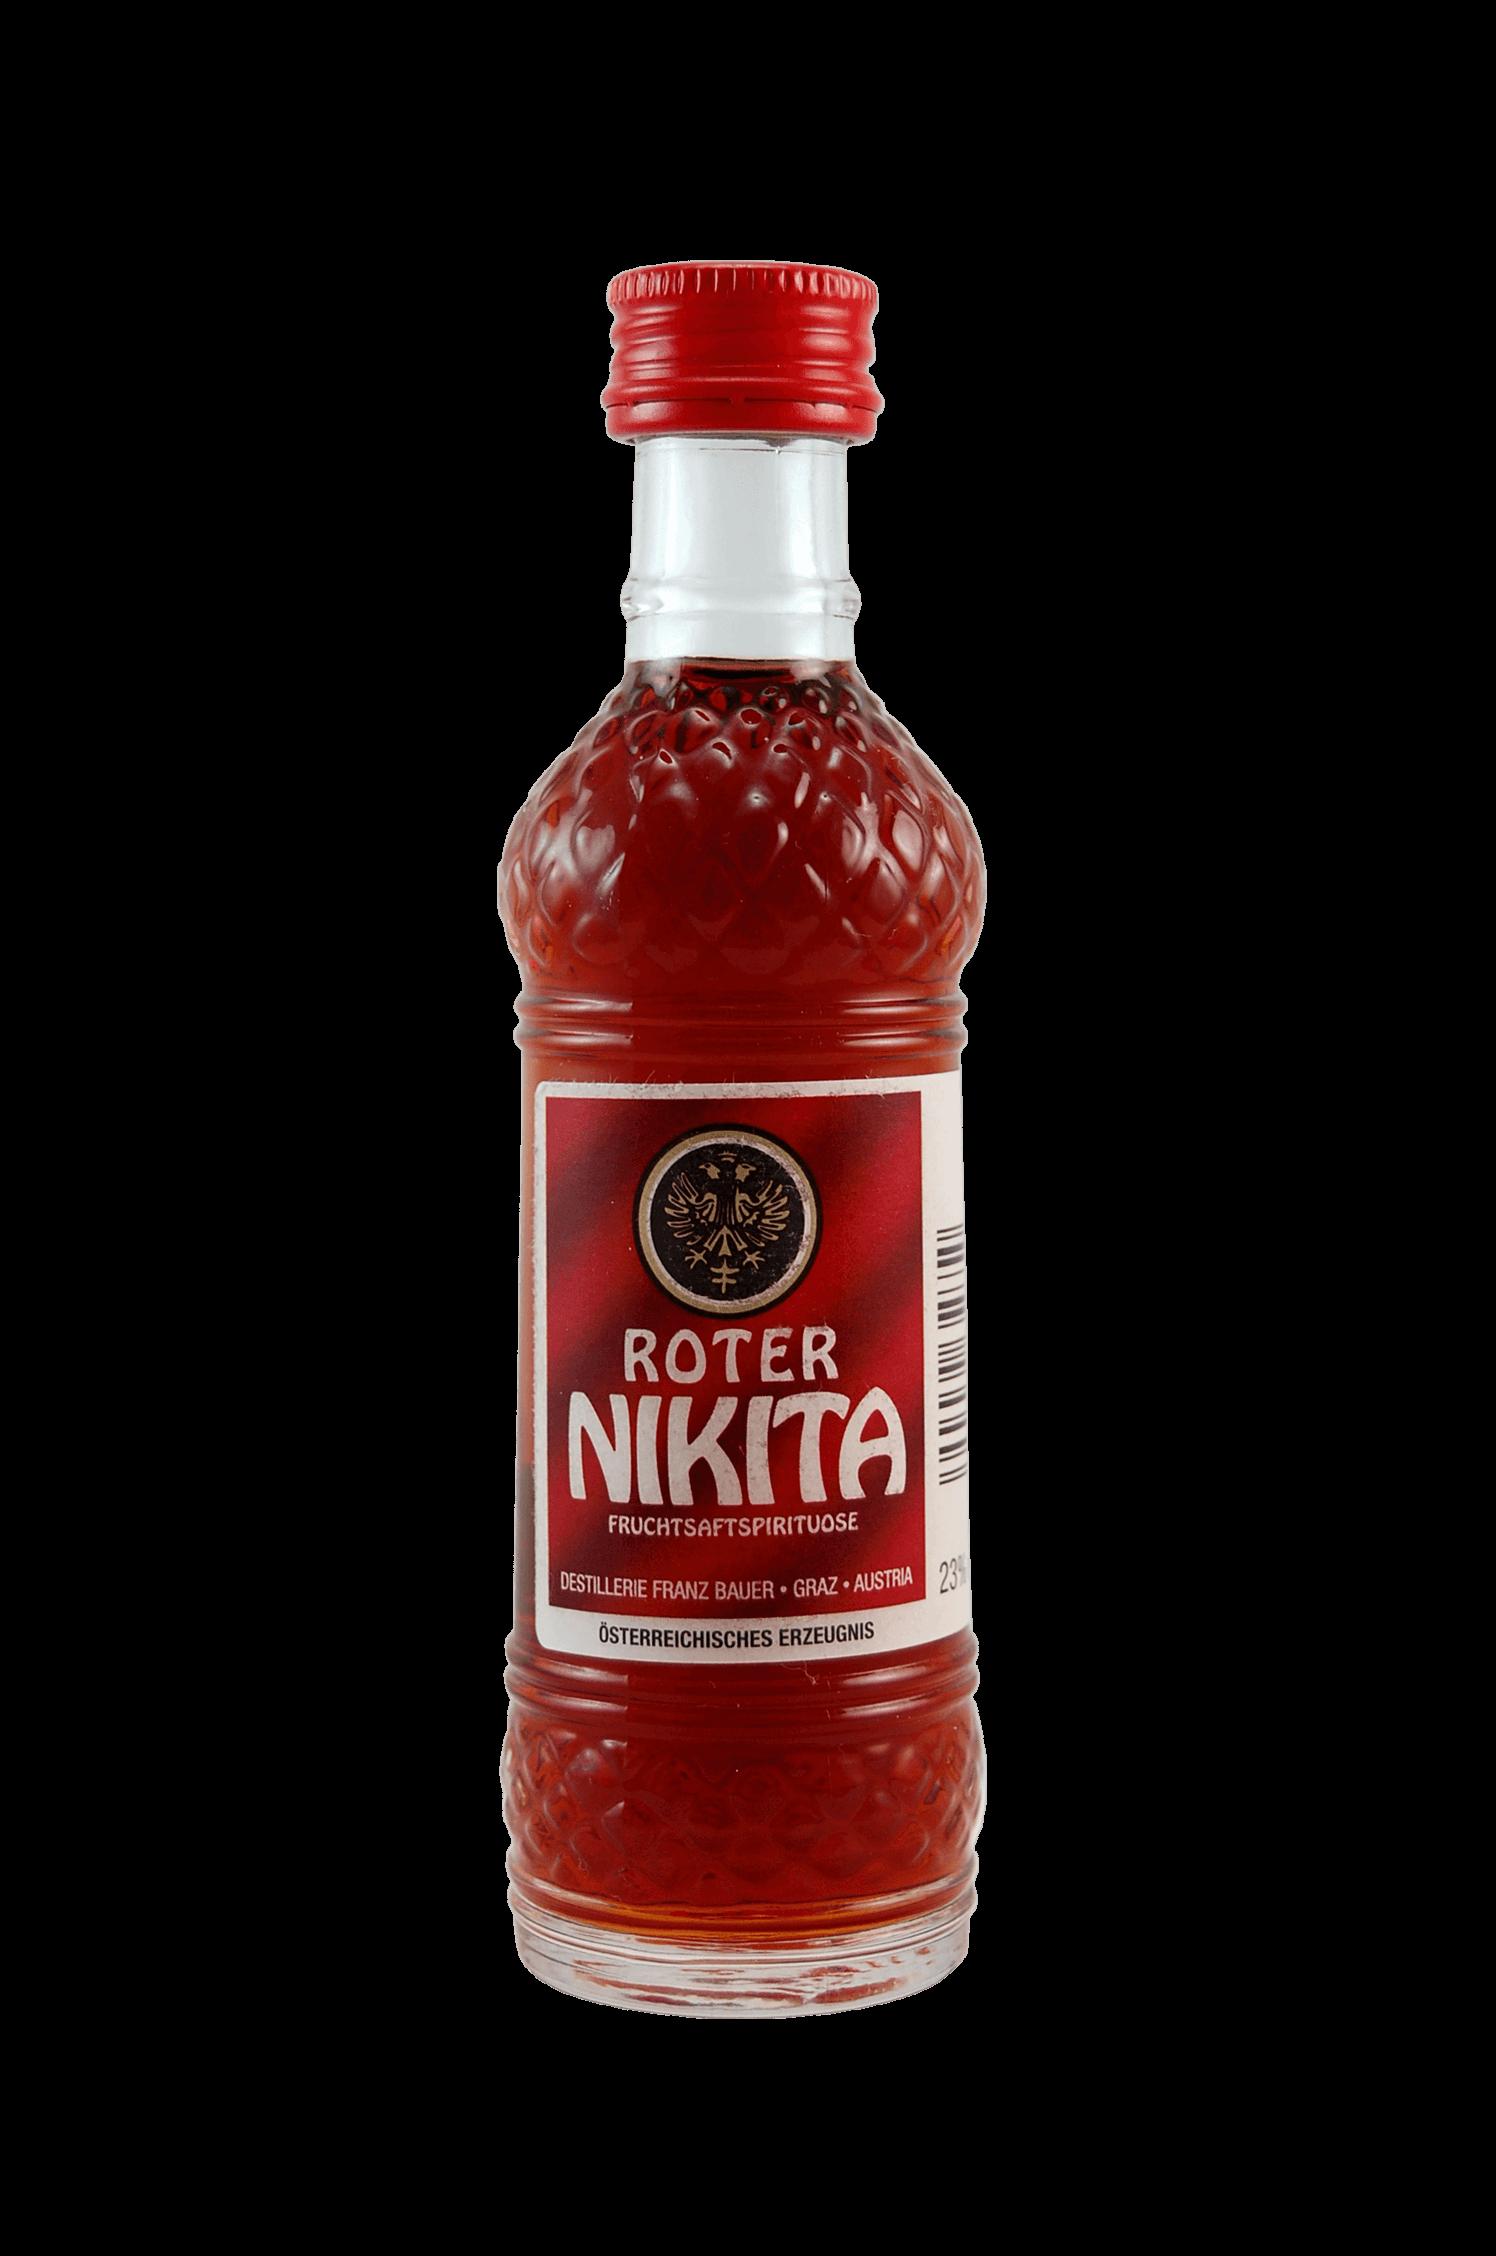 Roter Nikita